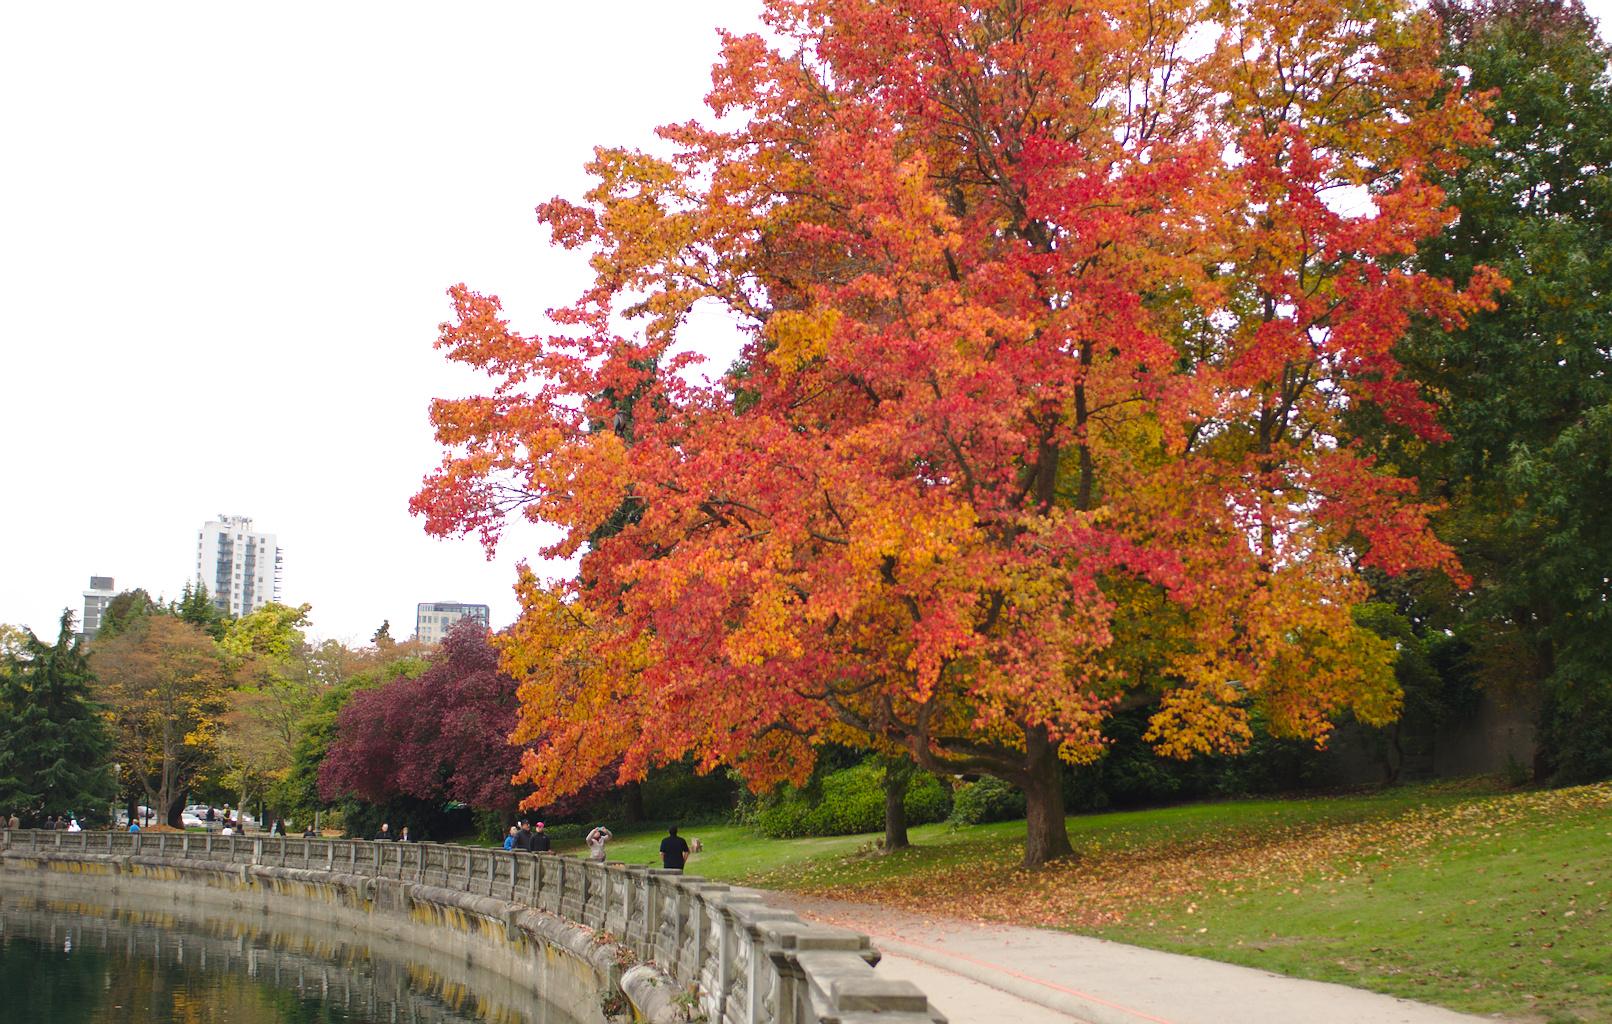 Stanley Park - největší park města a zároveň plíce Vancouveru